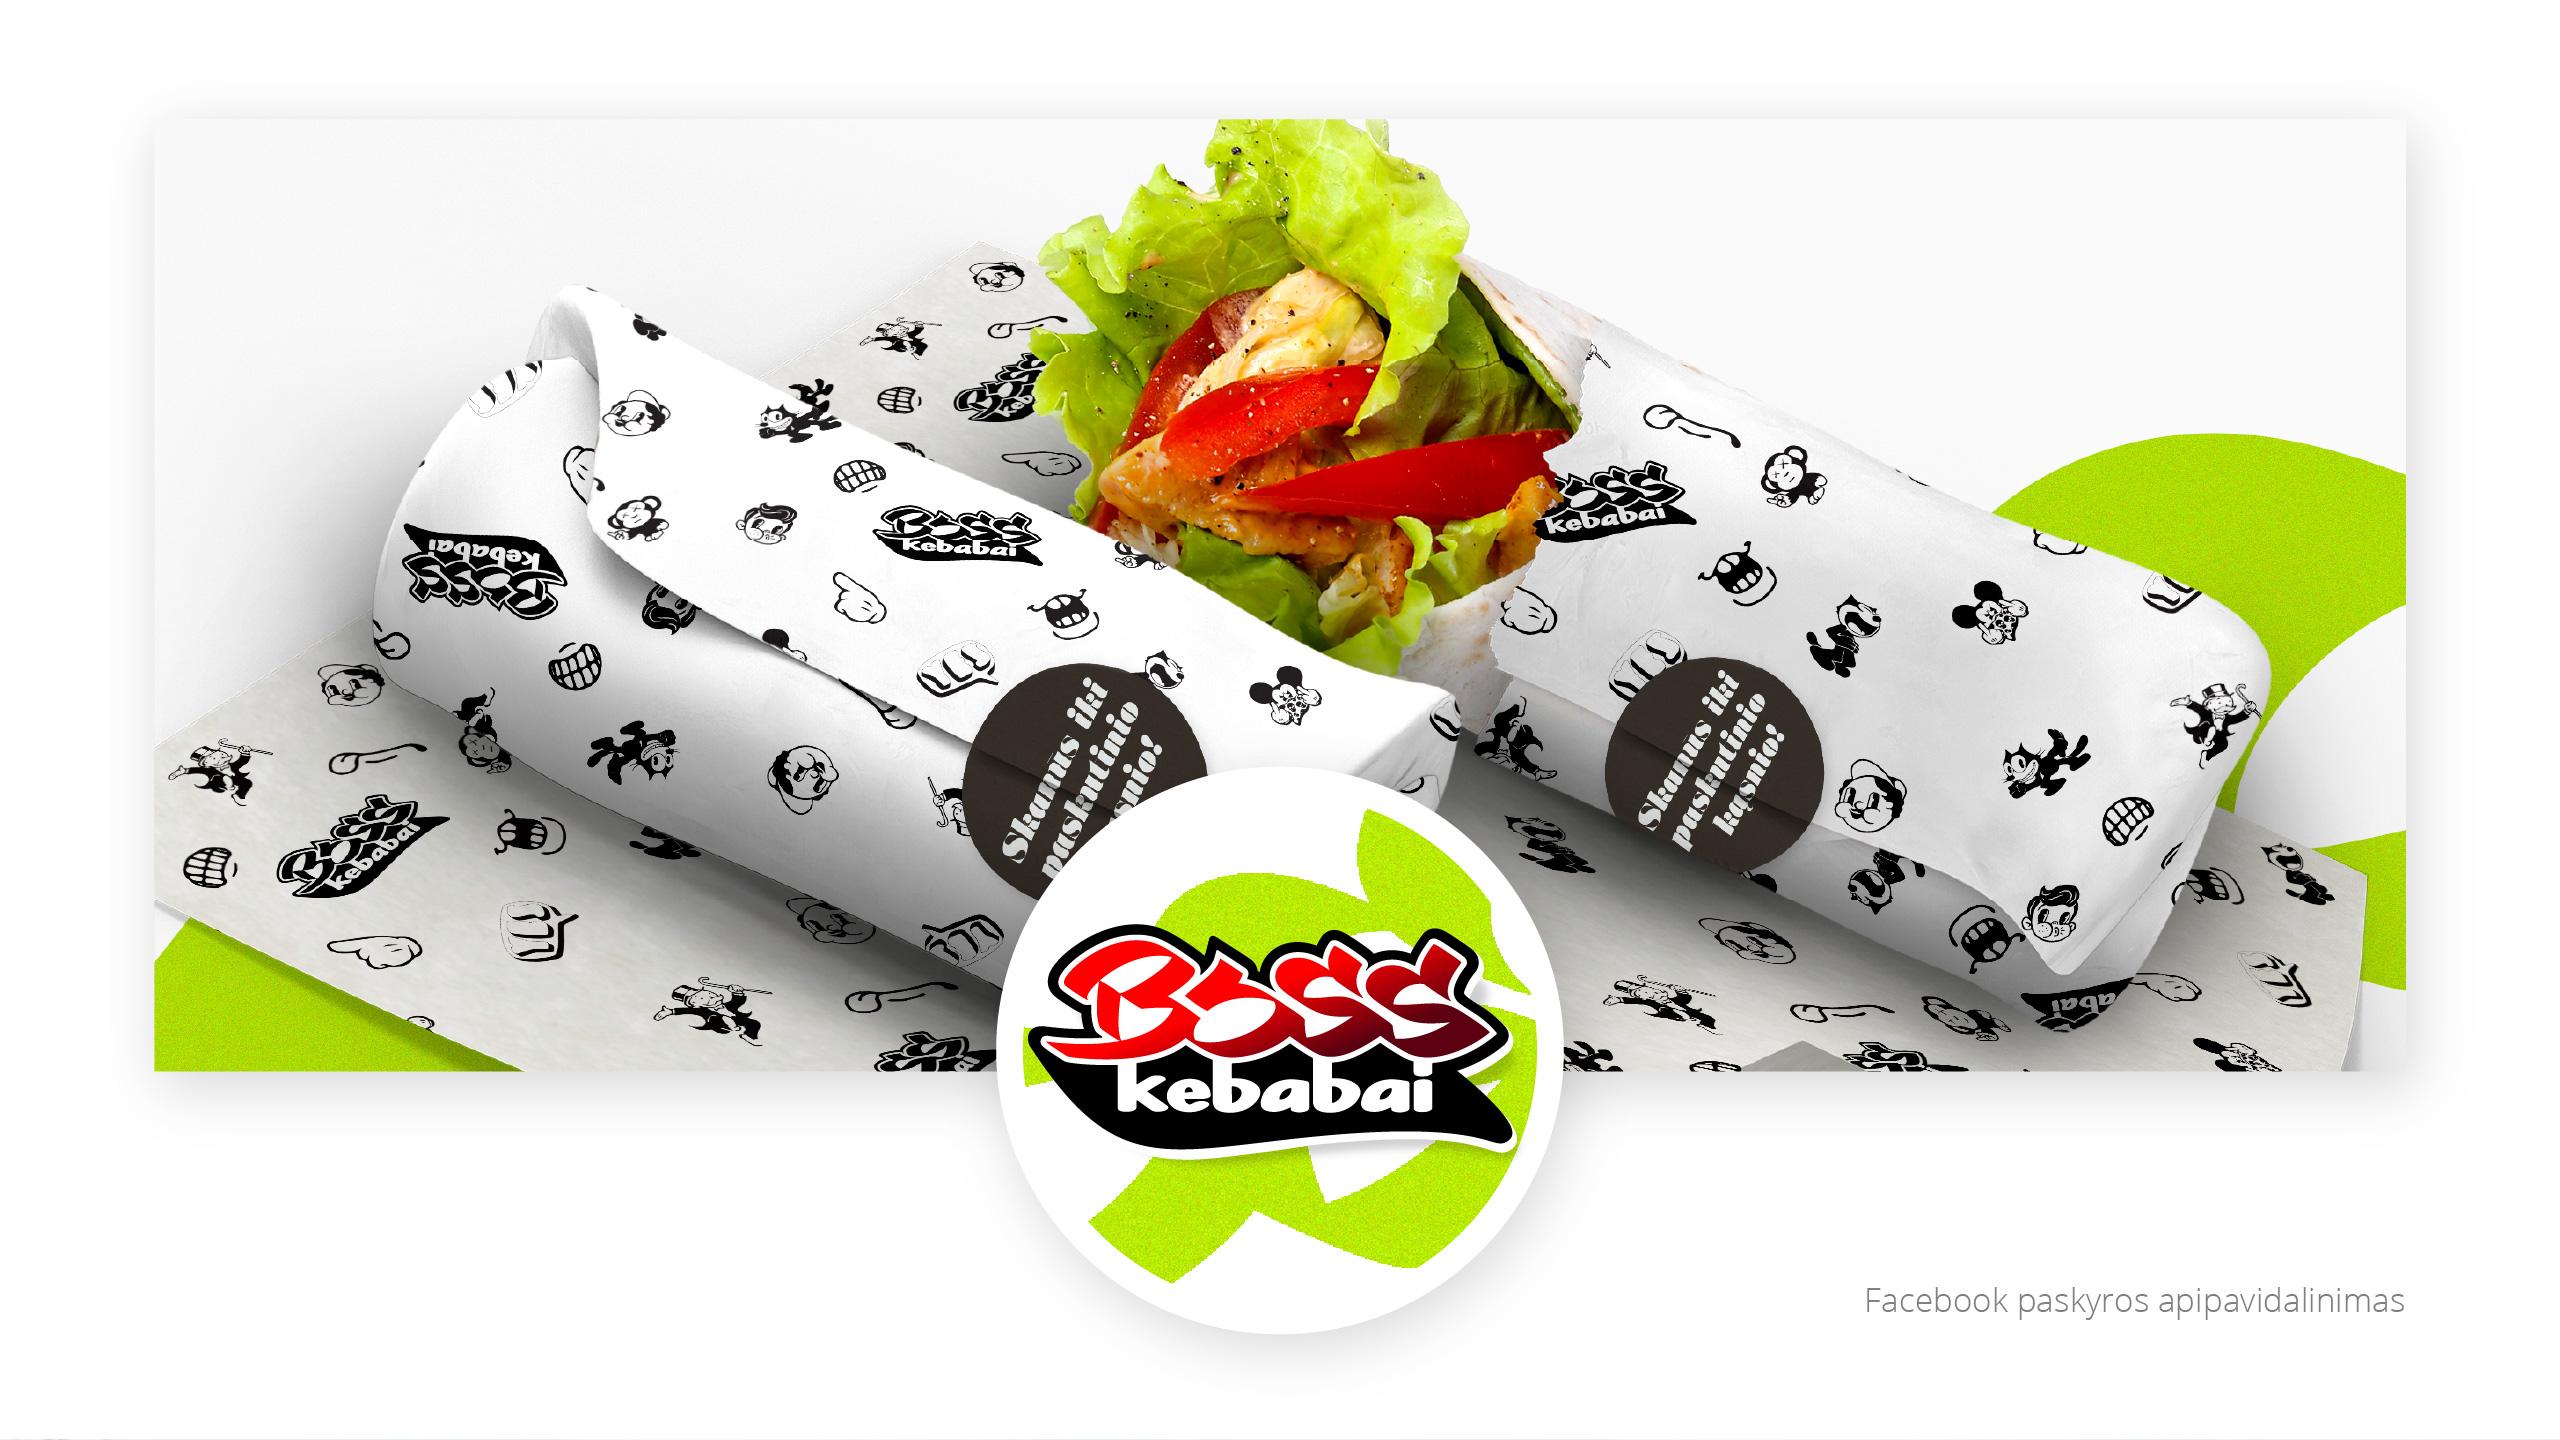 BOSS kebabai 7 branding - Logobou Desing